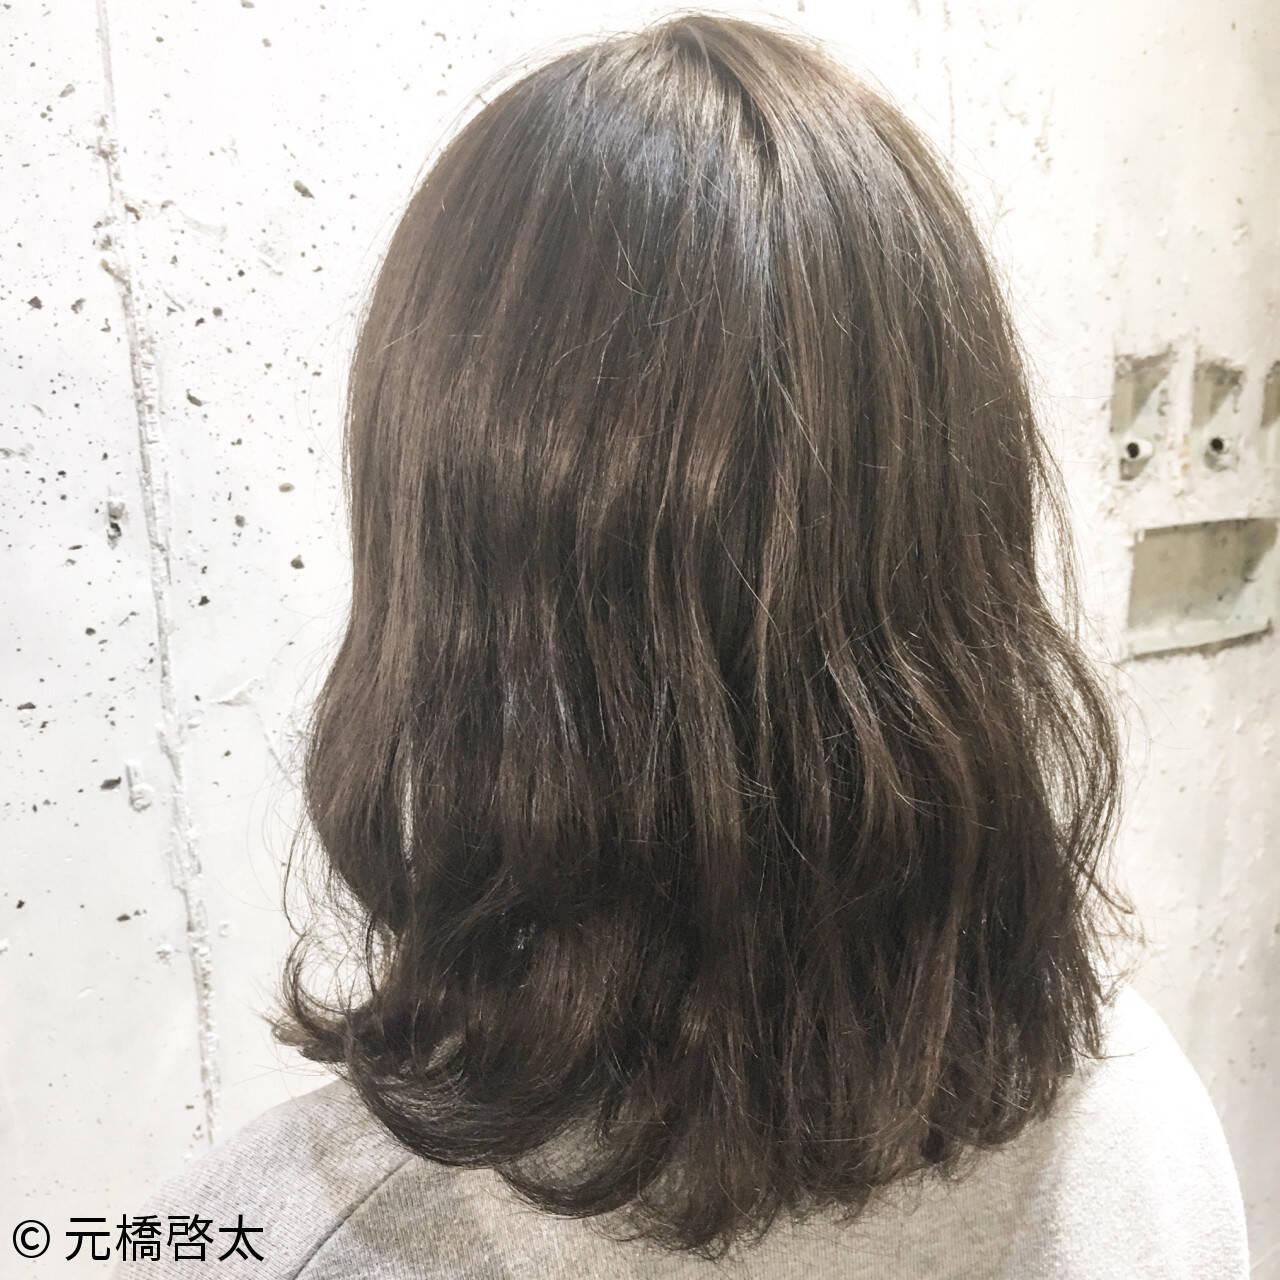 ナチュラル ミディアム 外国人風 くせ毛風ヘアスタイルや髪型の写真・画像